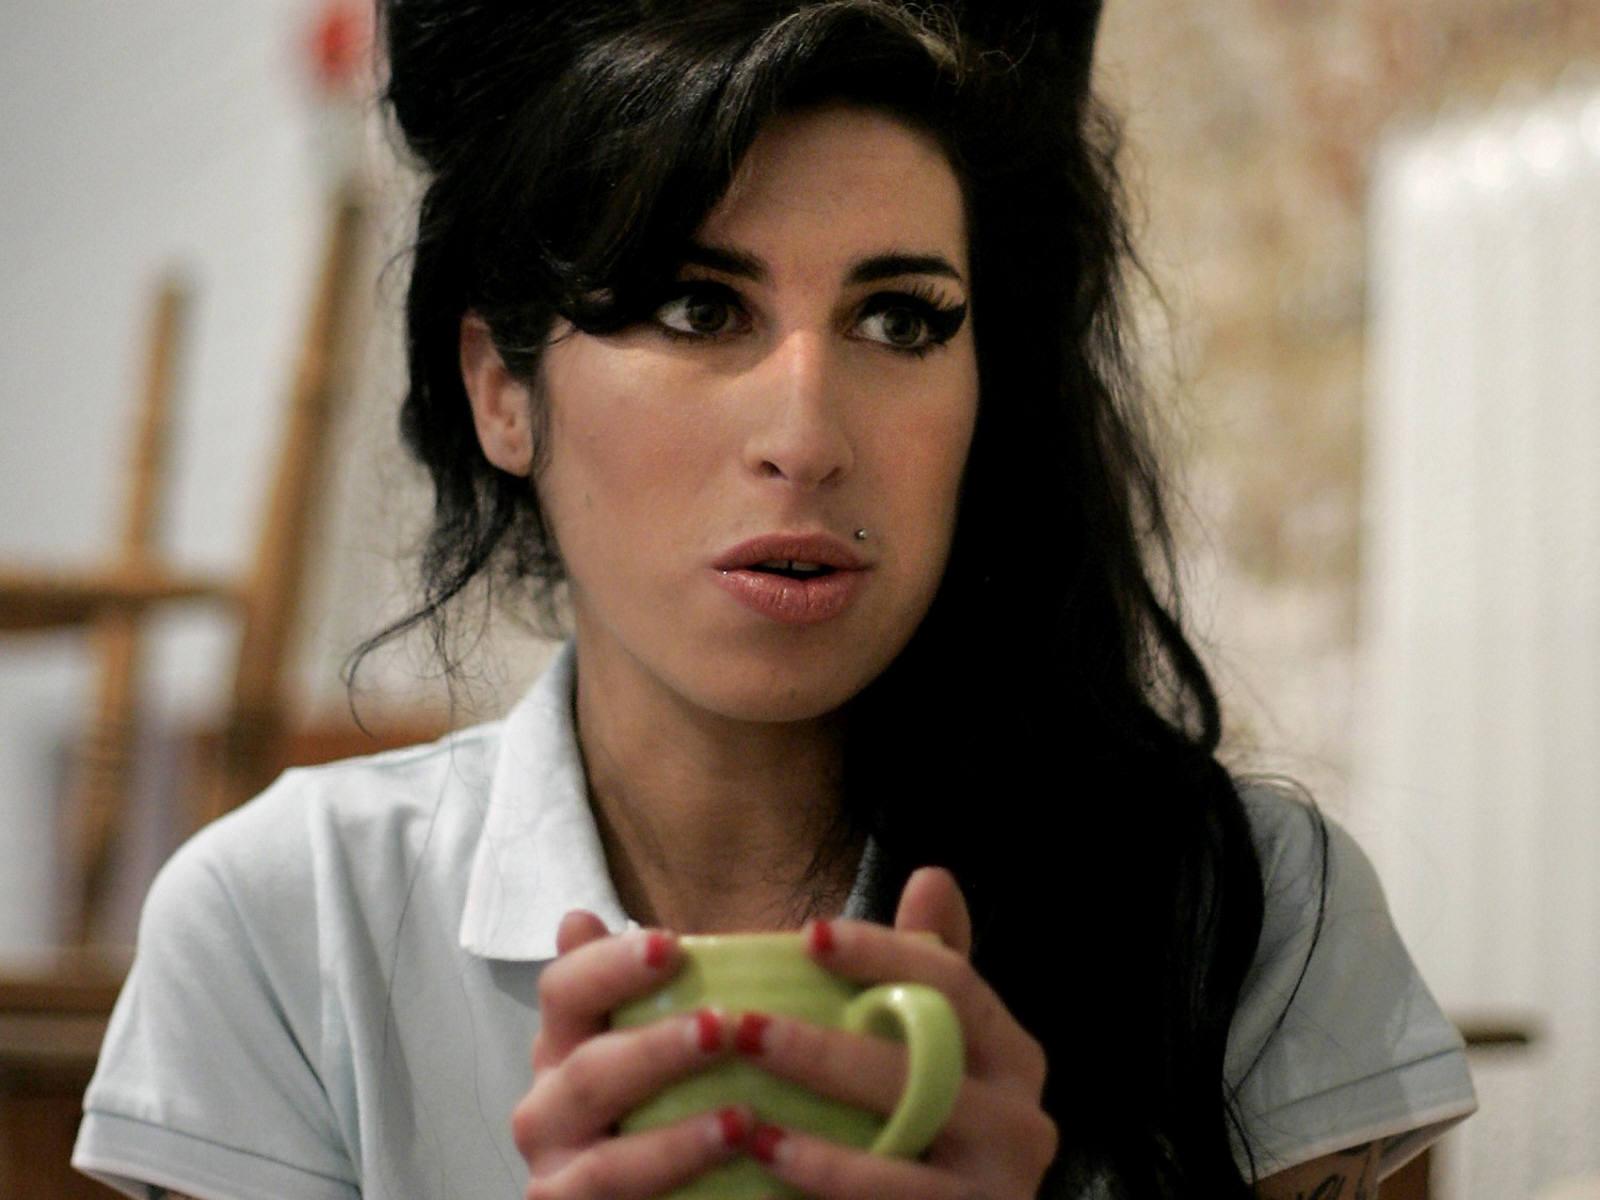 http://3.bp.blogspot.com/-t_JpM5ANq9o/TiszSRPtzyI/AAAAAAAAkfQ/m_d6p1-YHLs/s1600/Amy_Winehouse_0007_1600X1200_Wallpaper.jpg